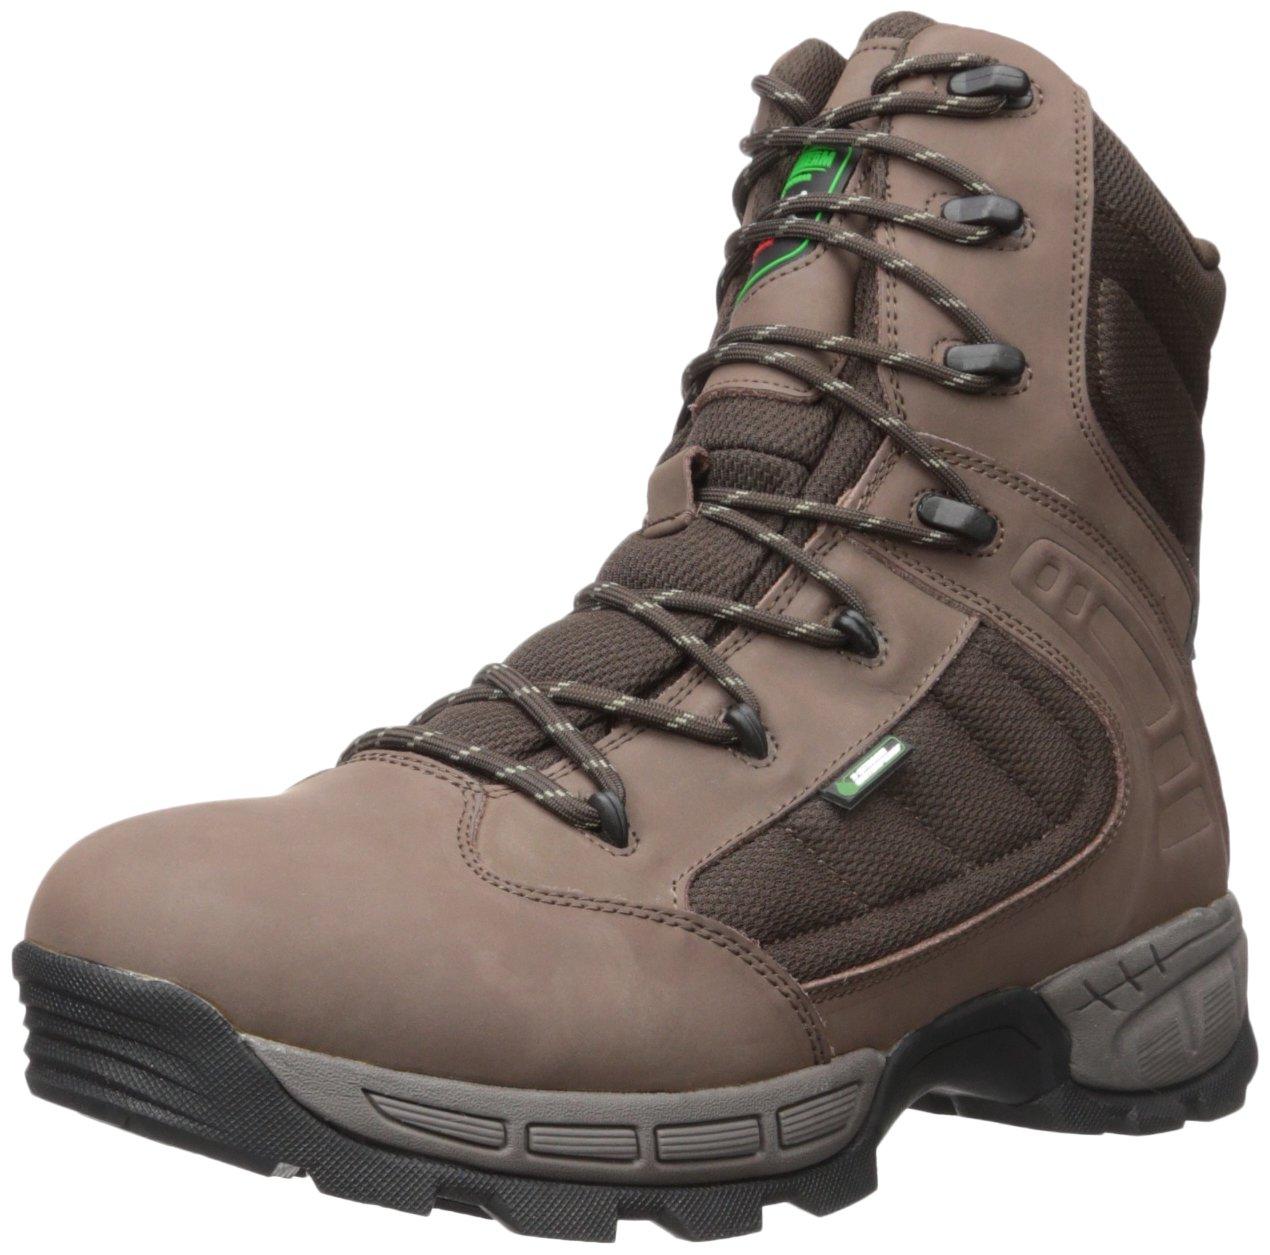 WOOD N' STREAM Men's Gunner 8'' Hunting Shoes, Brown, 8 M US by WOOD N' STREAM